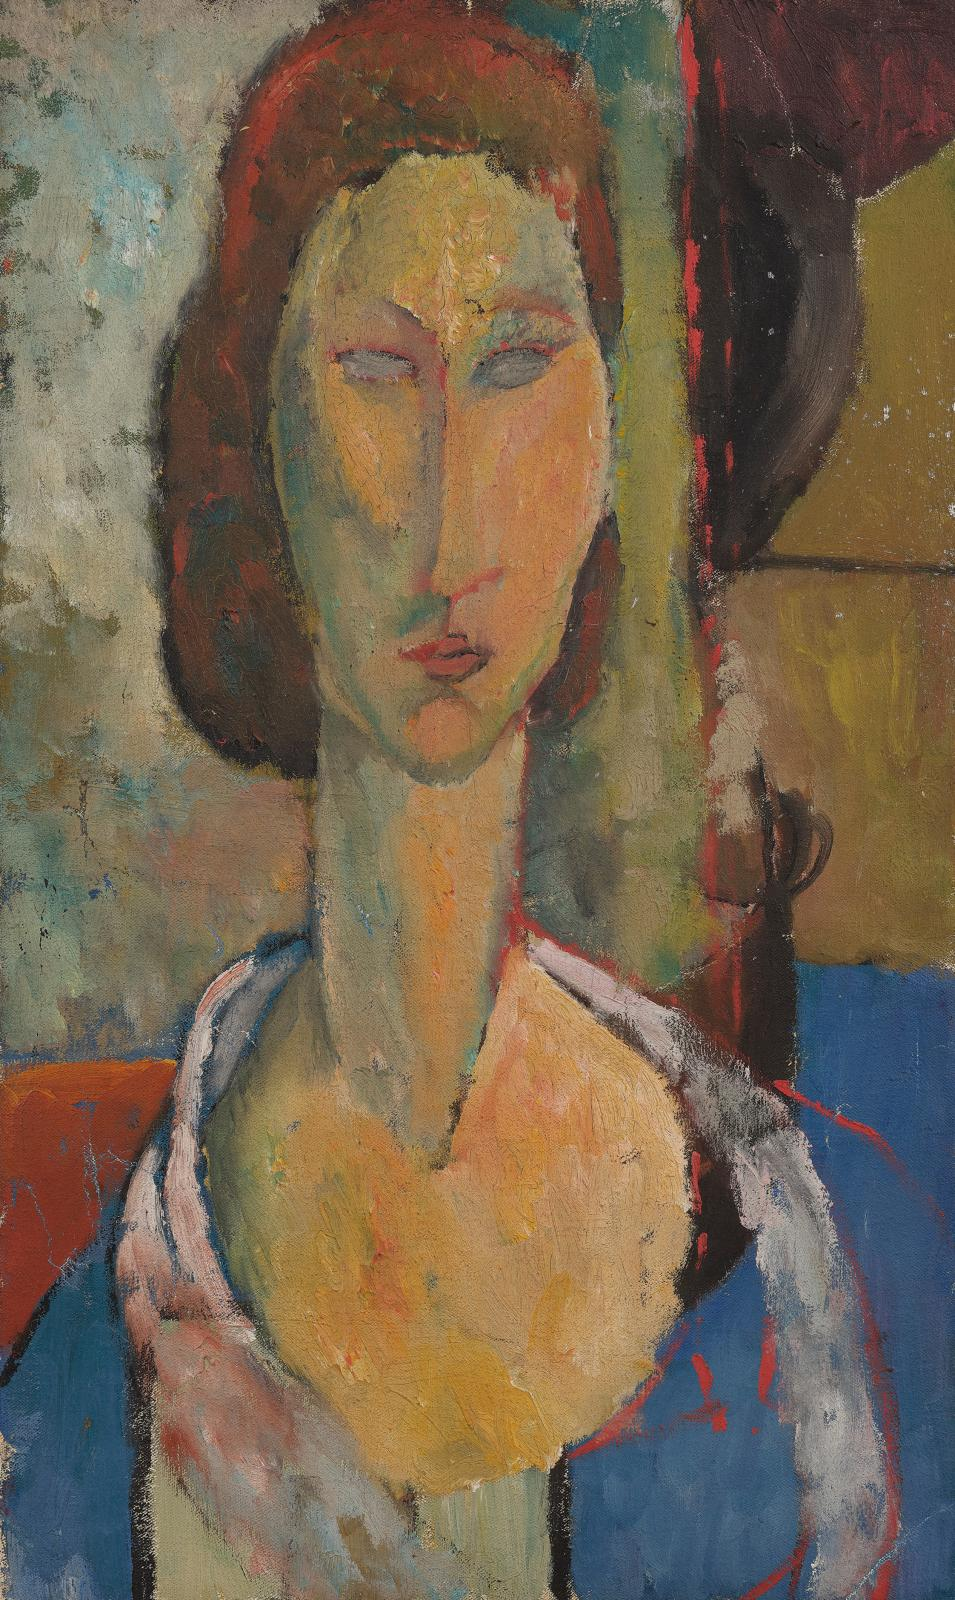 Jeanne Hébuterne (1898-1920), Autoportrait (détail), huile sur toile, 55x33cm. Estimation: 40000/60000€